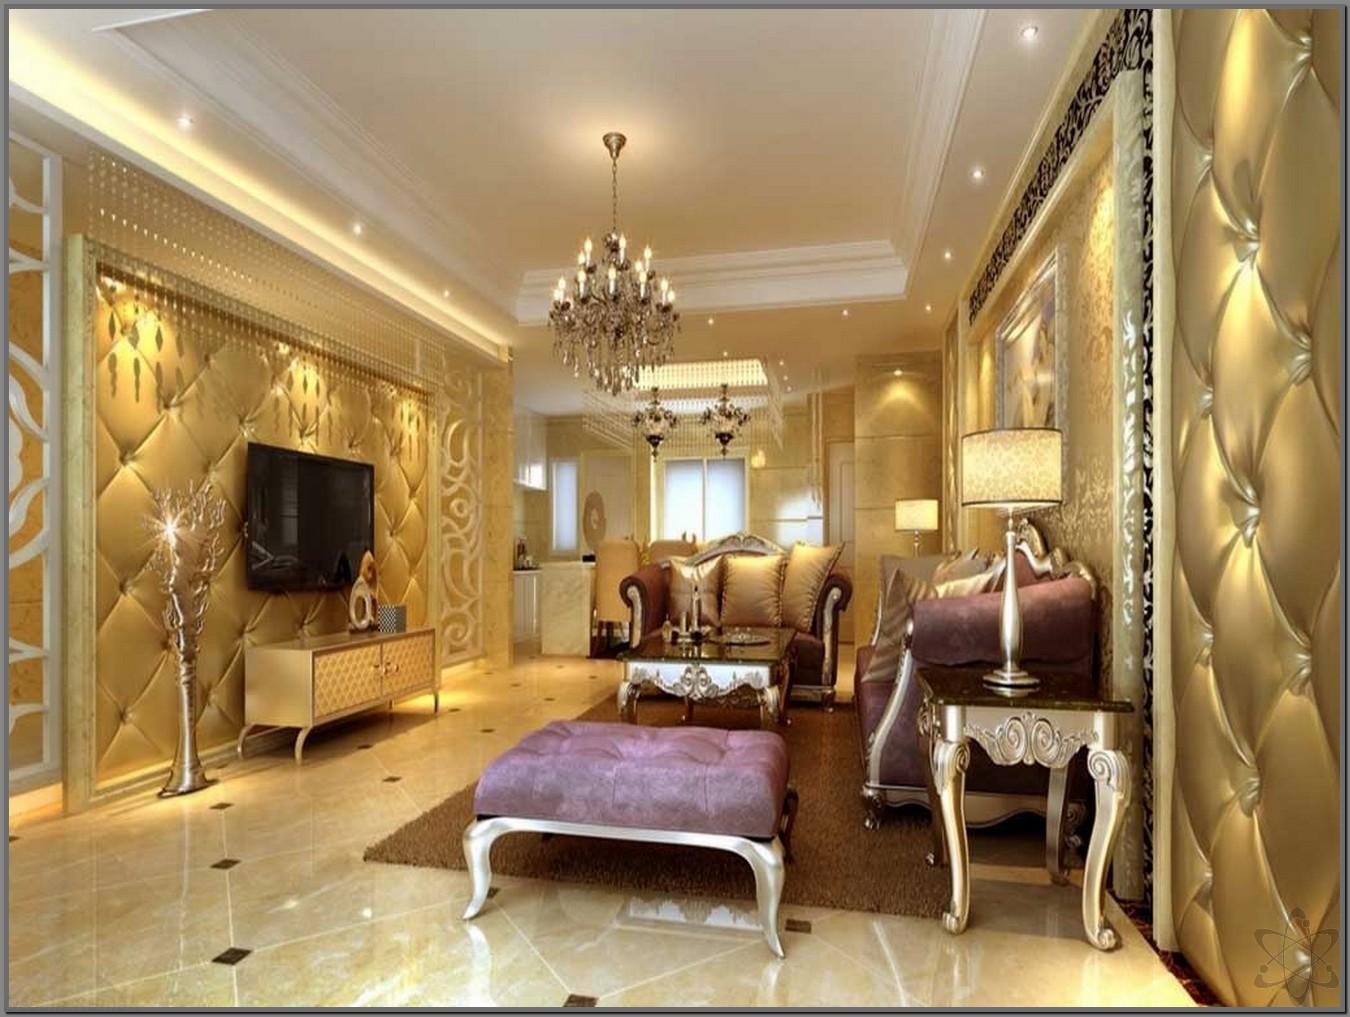 Interior Rumah Mewah Bergaya Eropa - 267.4KB